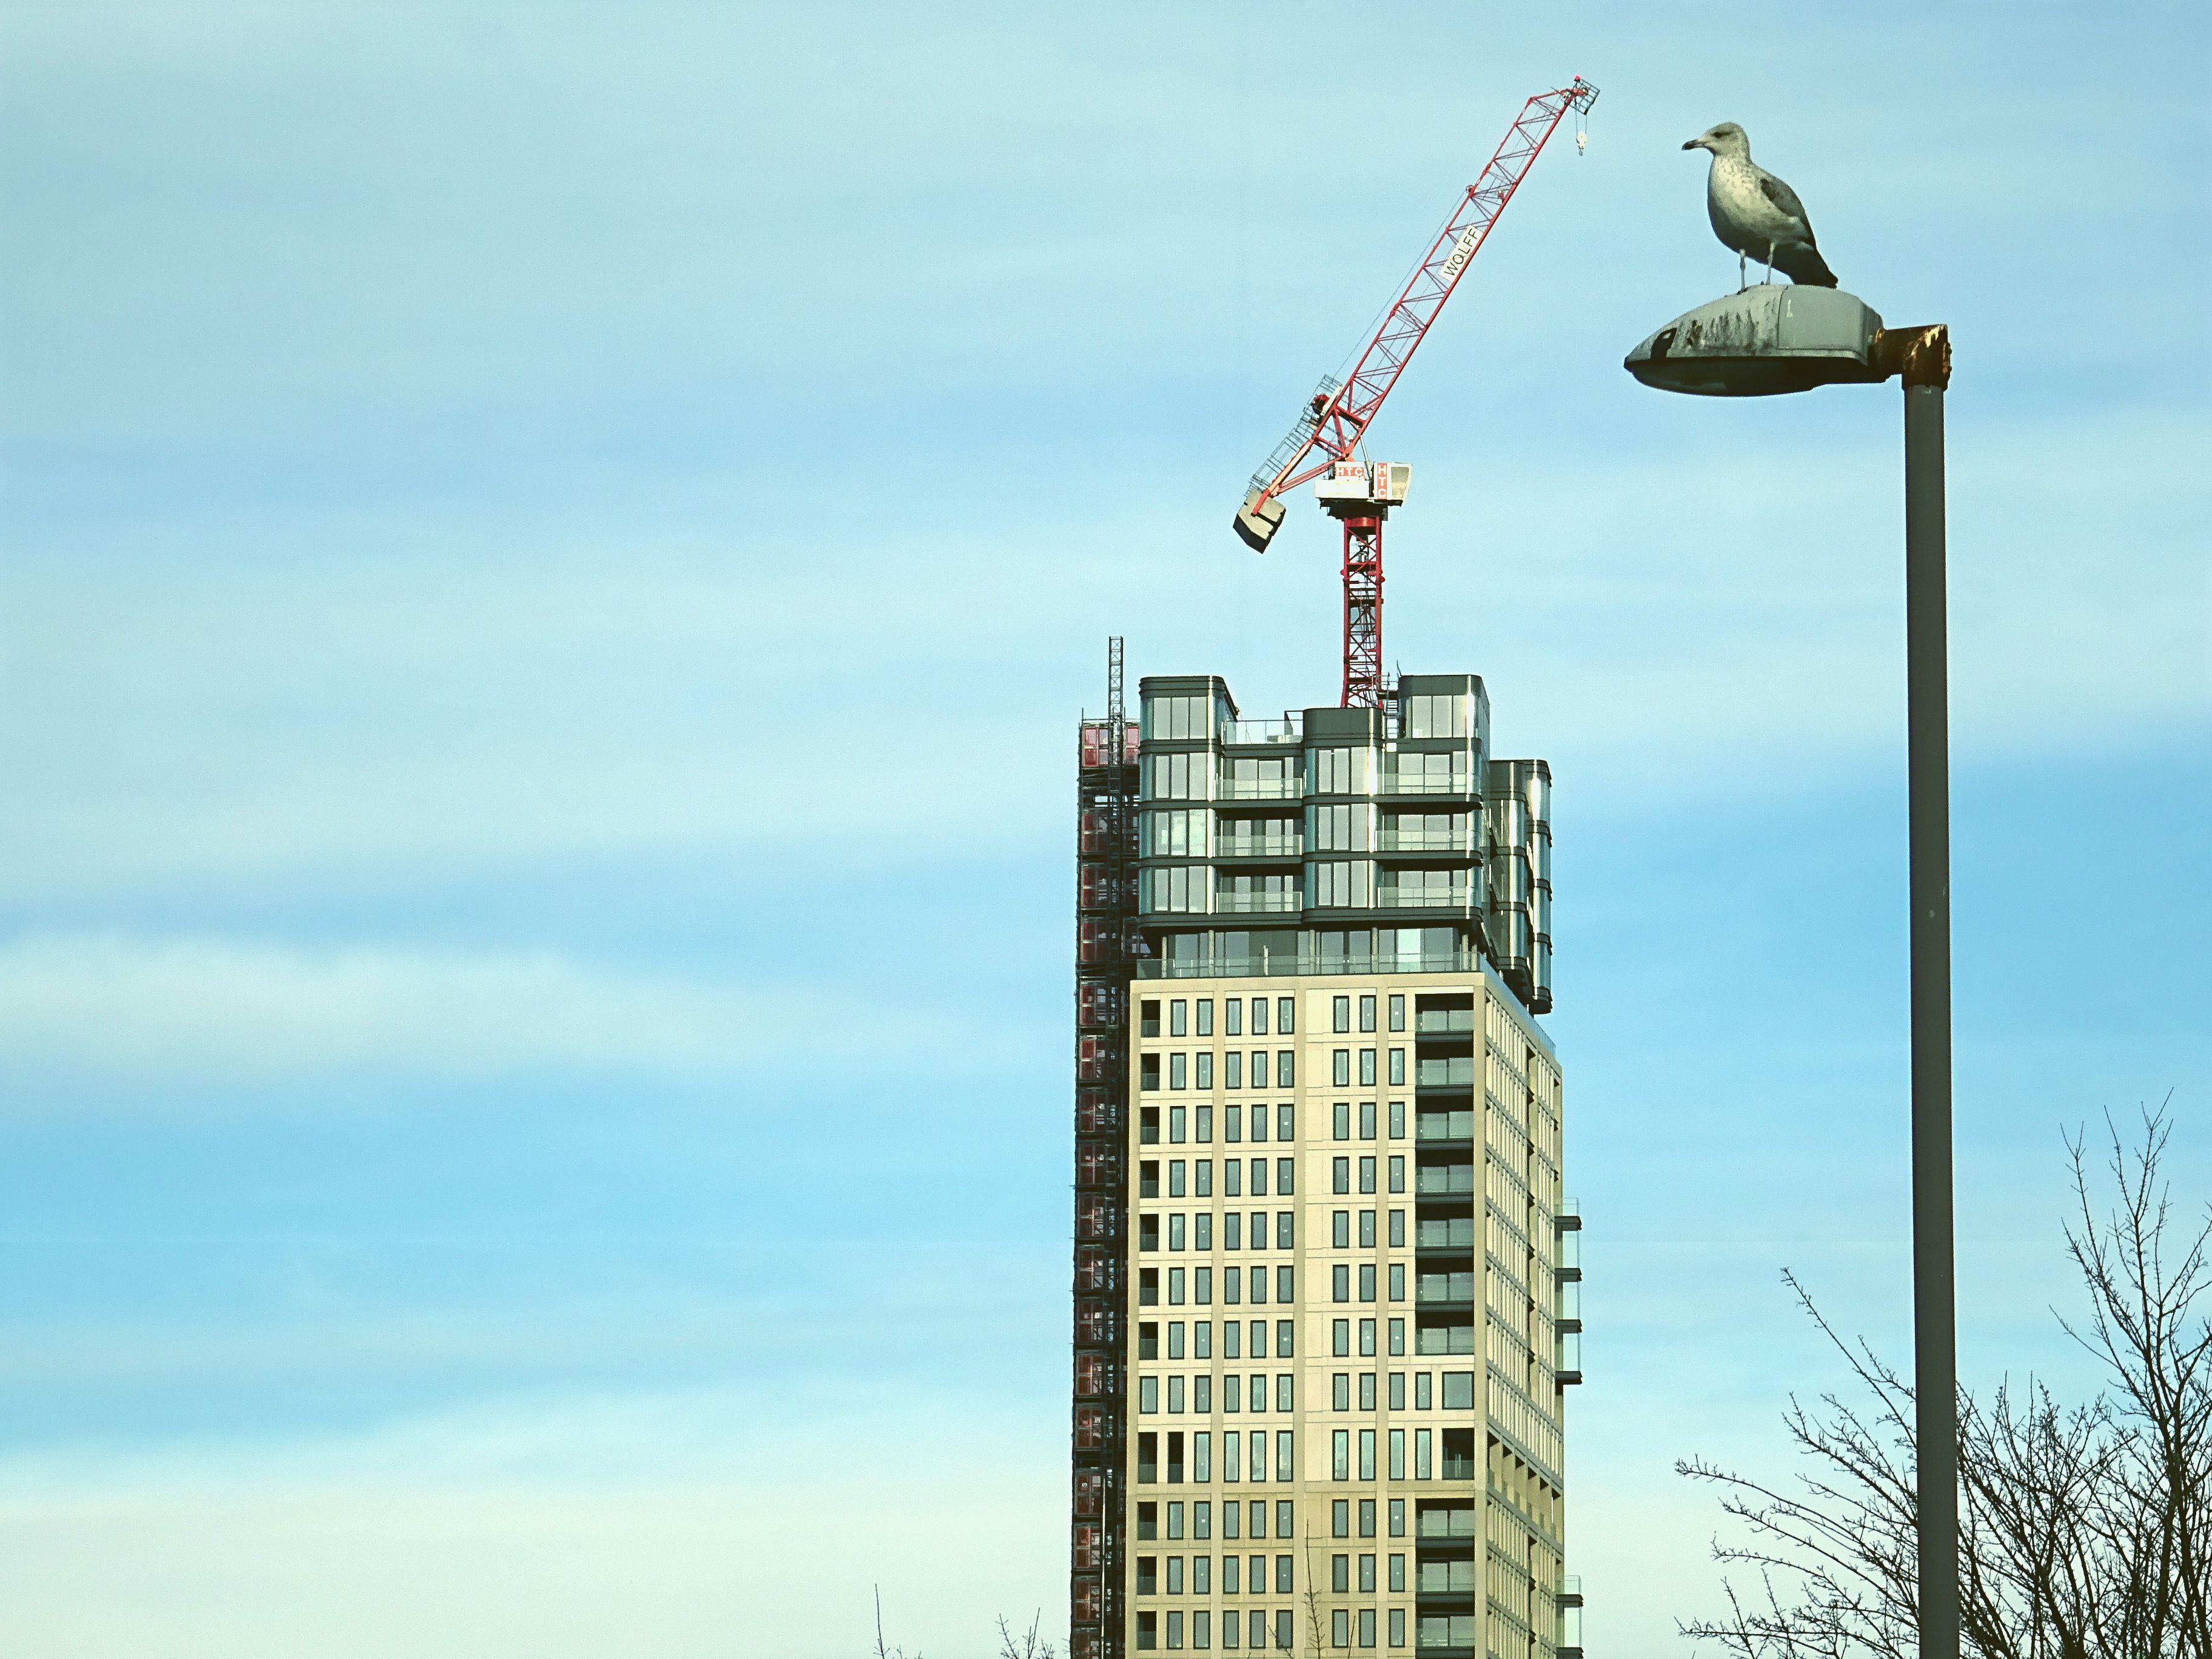 Beige Concrete High-rise Building